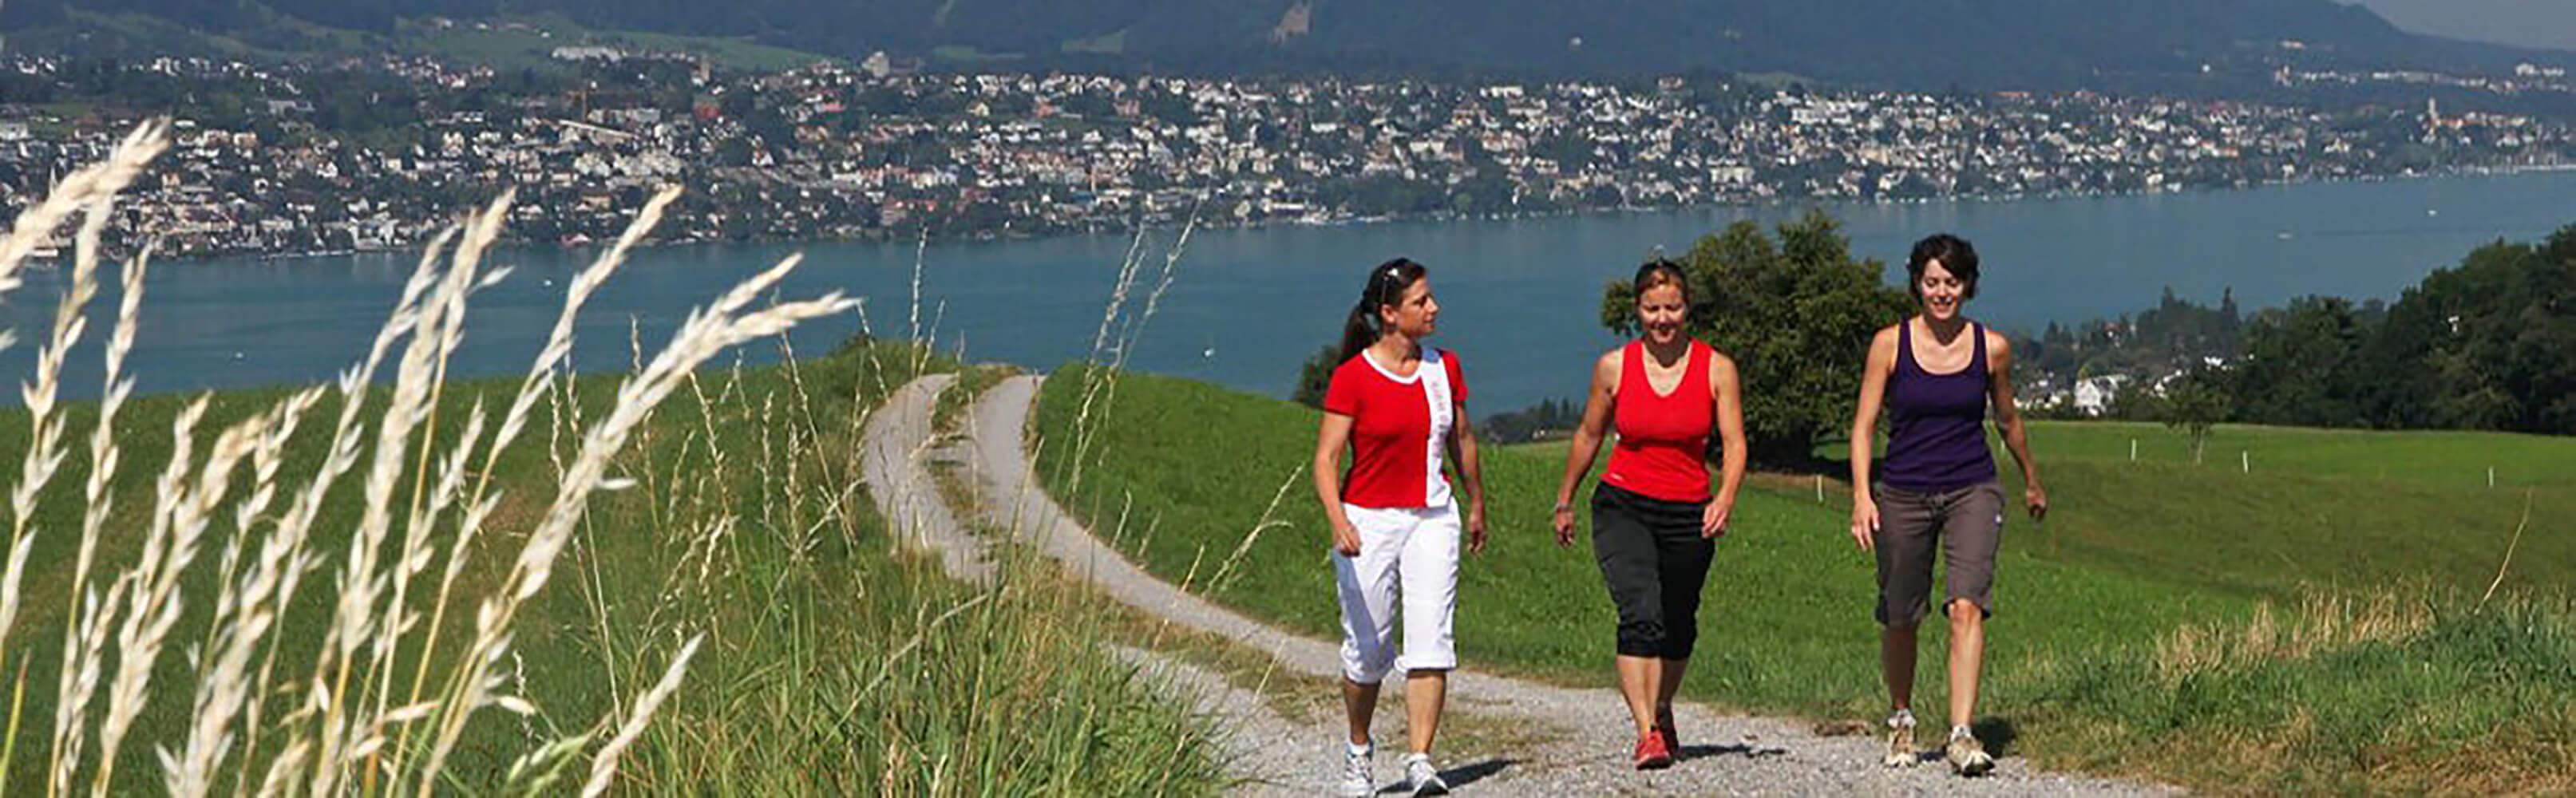 Zürichsee Tourismus 1